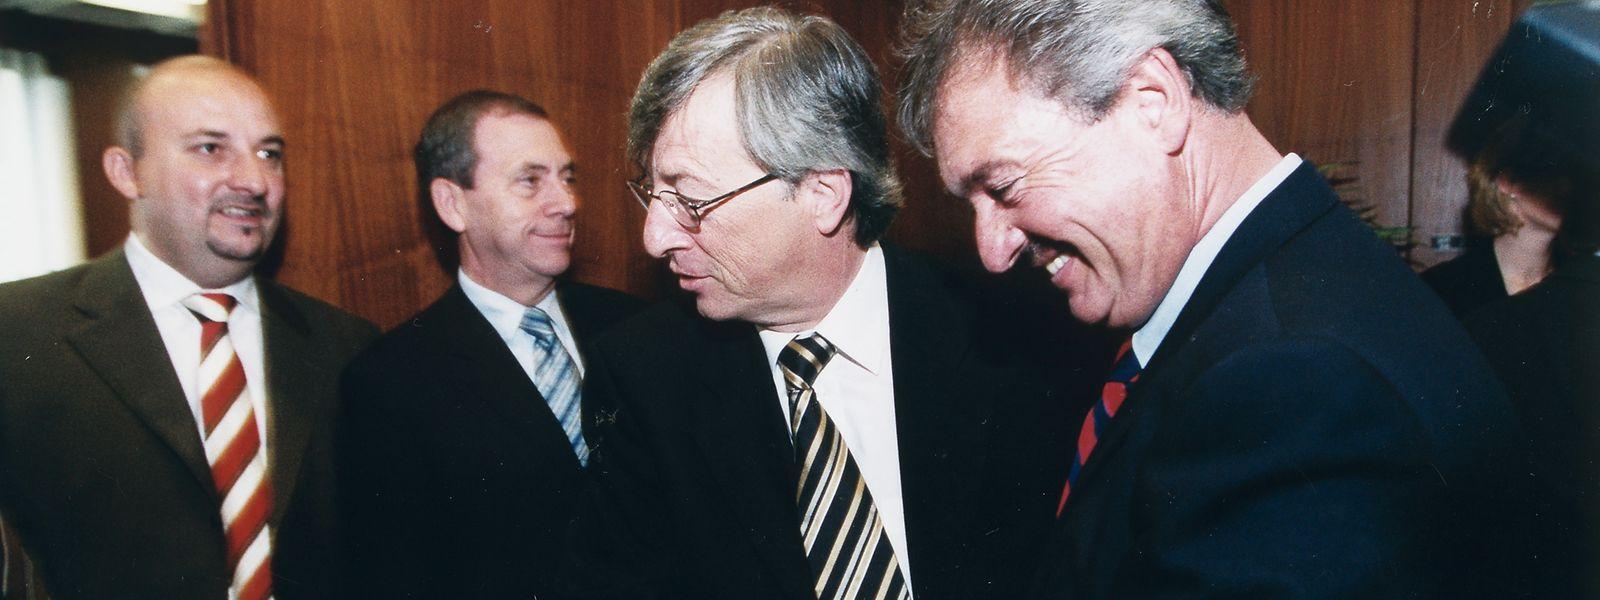 Jean-Claude Juncker (M.) und Jean Asselborn (r.) bilden auf nationaler Ebene 2004 die Regierung Juncker-Asselborn I. Der heutige Vizepremier Étienne Schneider (l.) – von 1997 bis 2004 LSAP-Fraktionssekretär – wechselt im gleichen Jahr ins Wirtschaftsministerium.